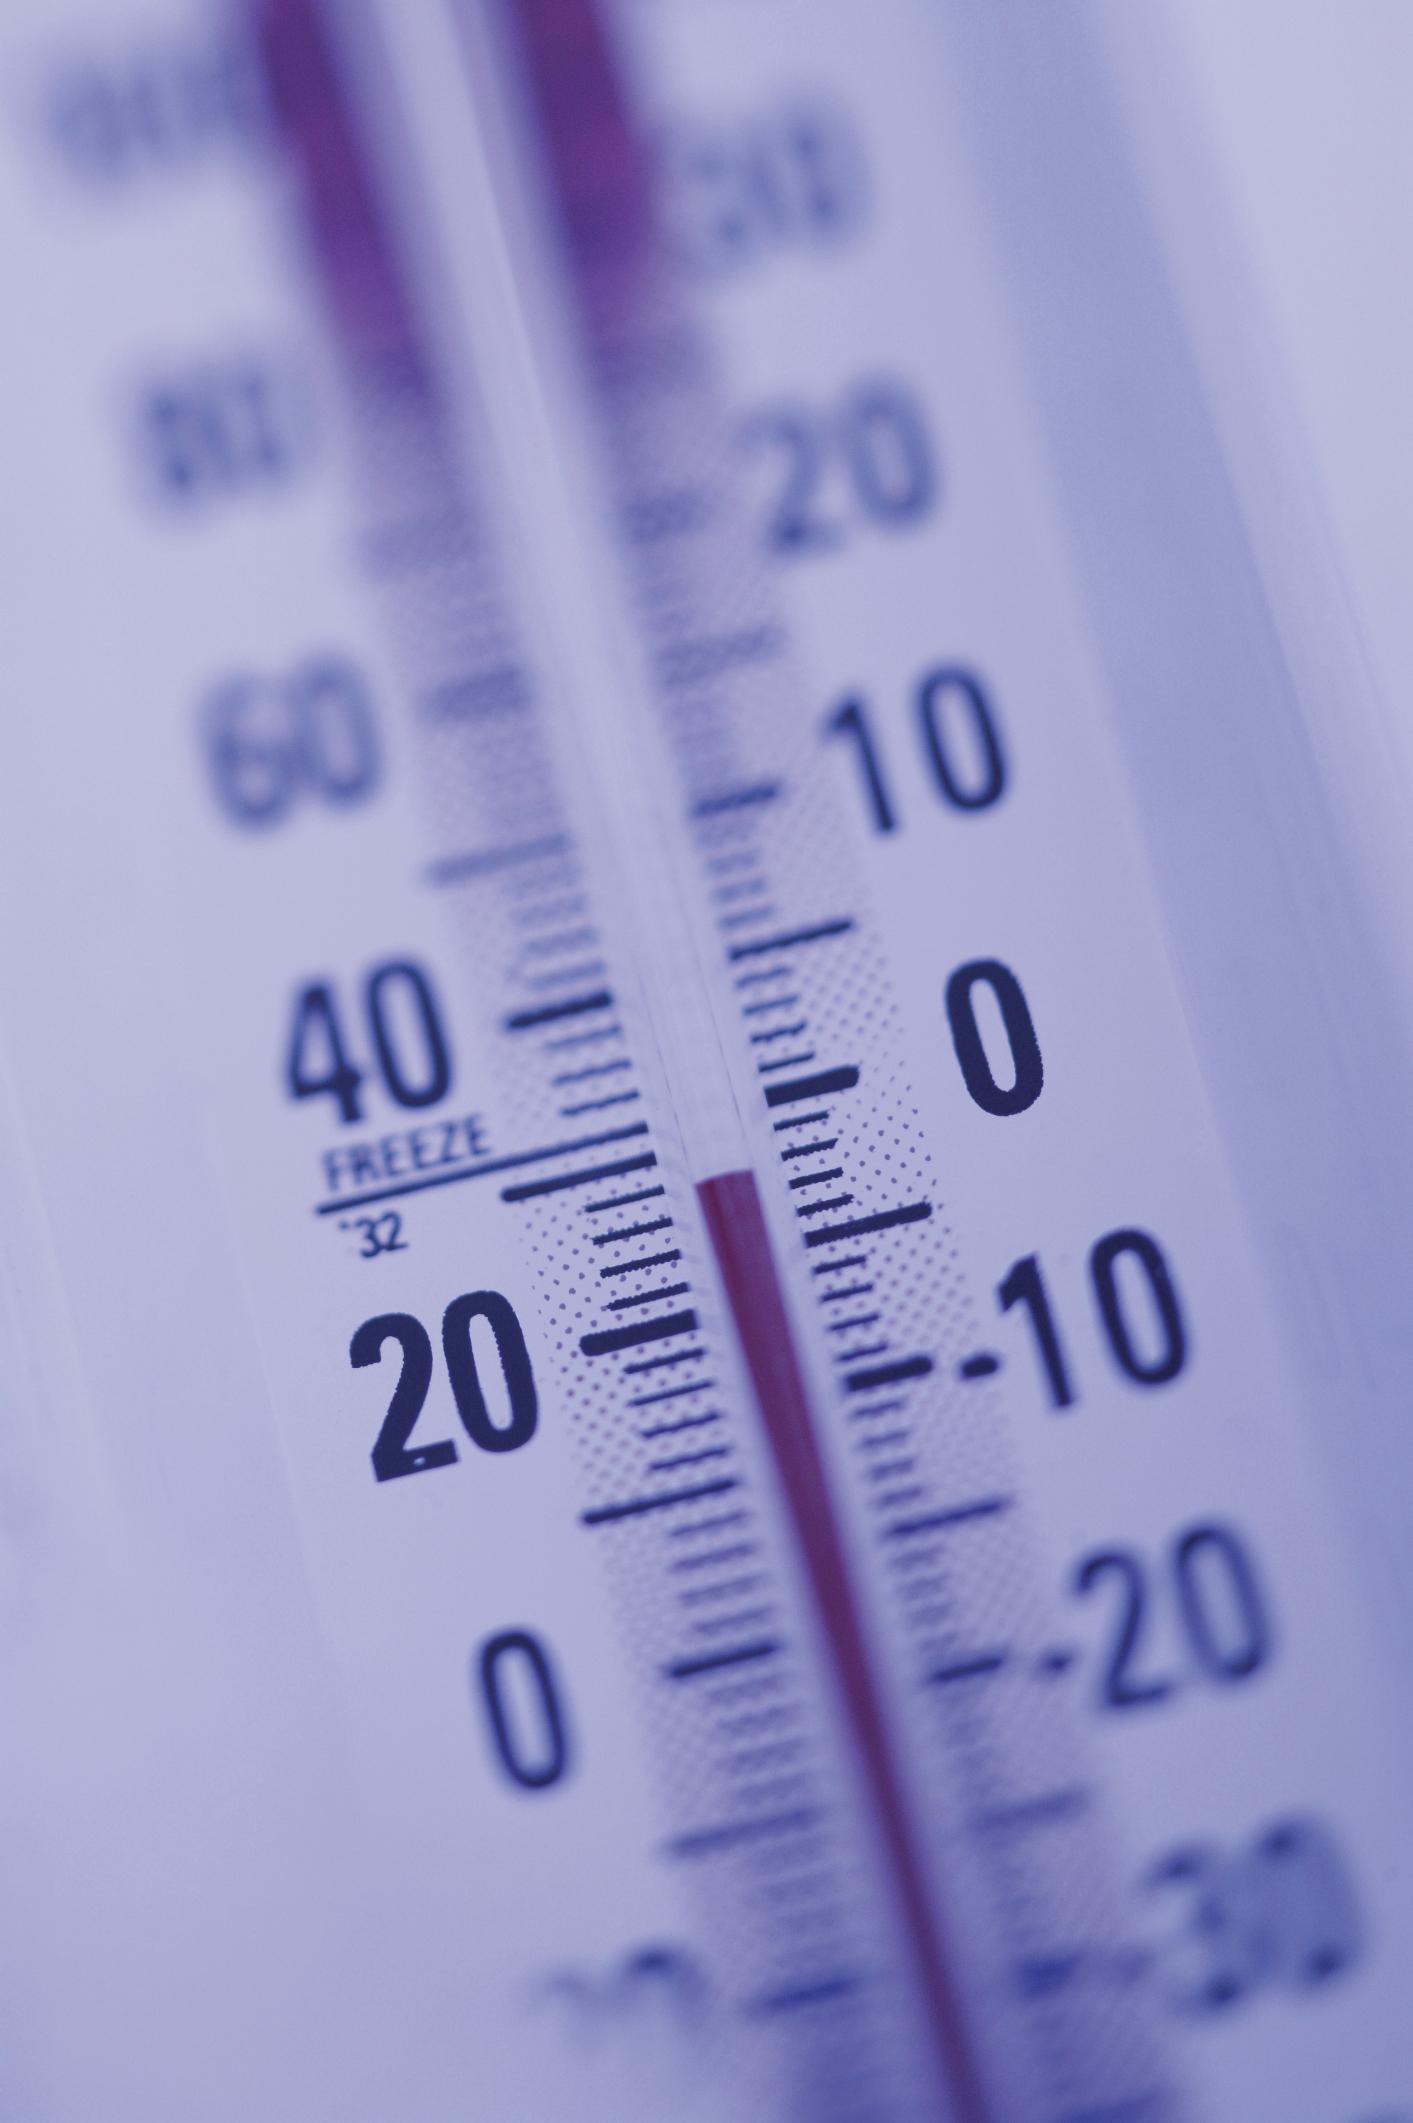 Por qué el congelador en mi nevera Kenmore no enfría?   Kenmore Refrigerator Schematic Diagram on